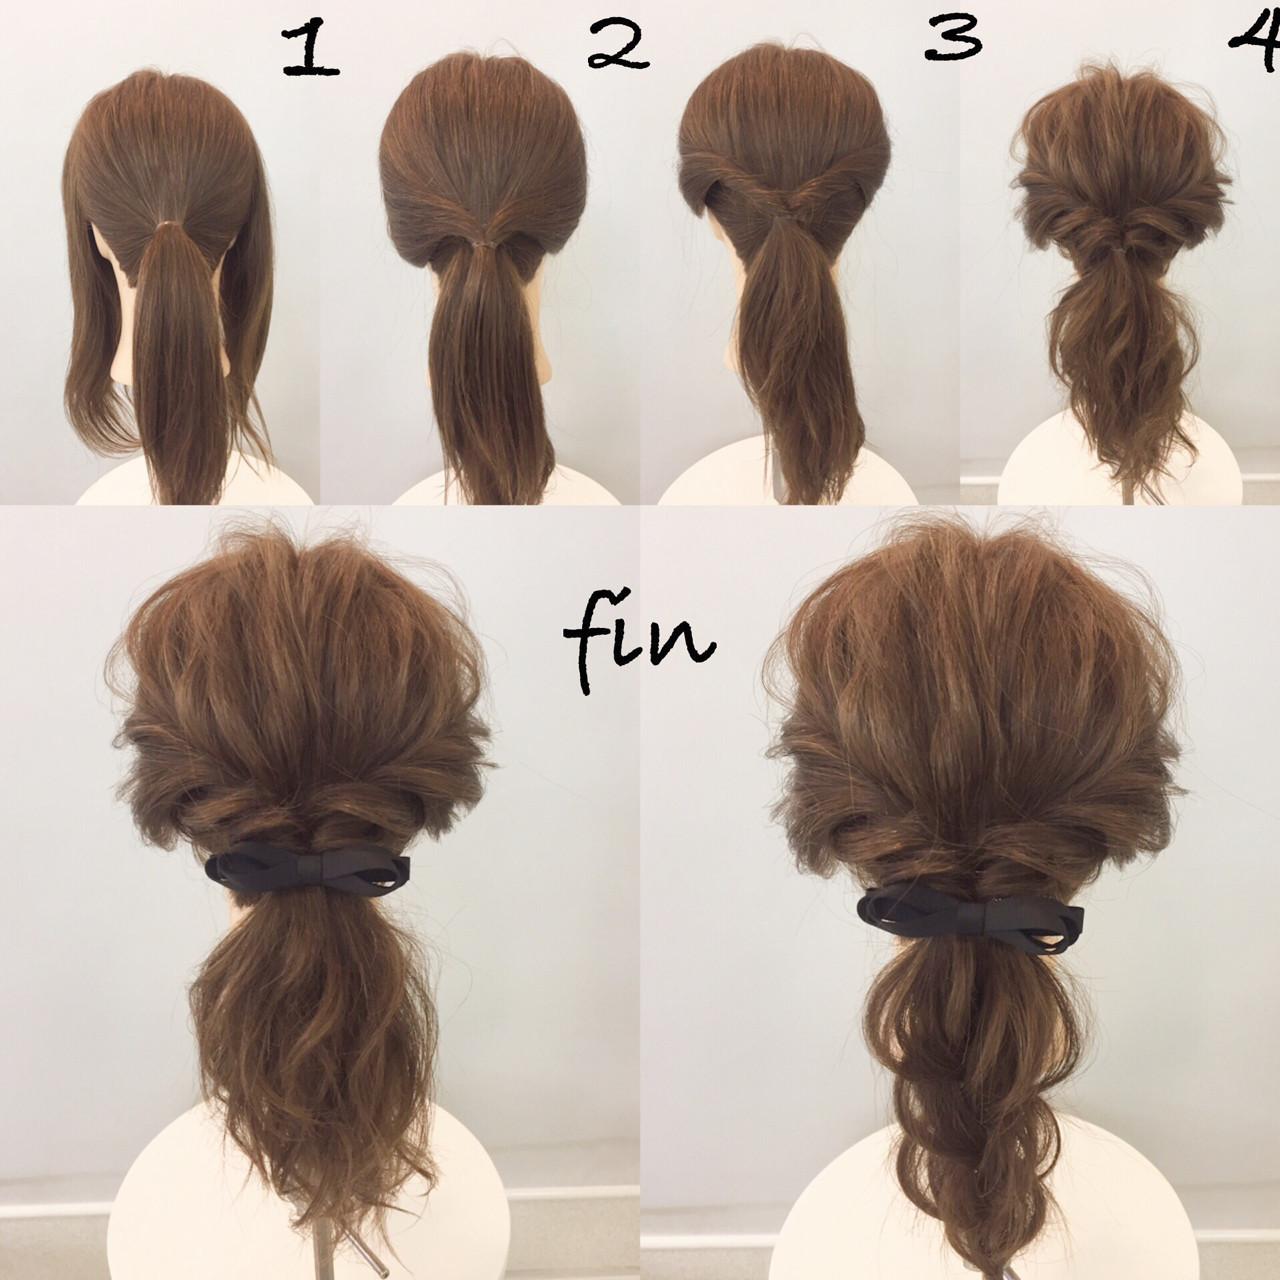 大人女子 ポニーテール ミディアム 簡単 ヘアスタイルや髪型の写真・画像